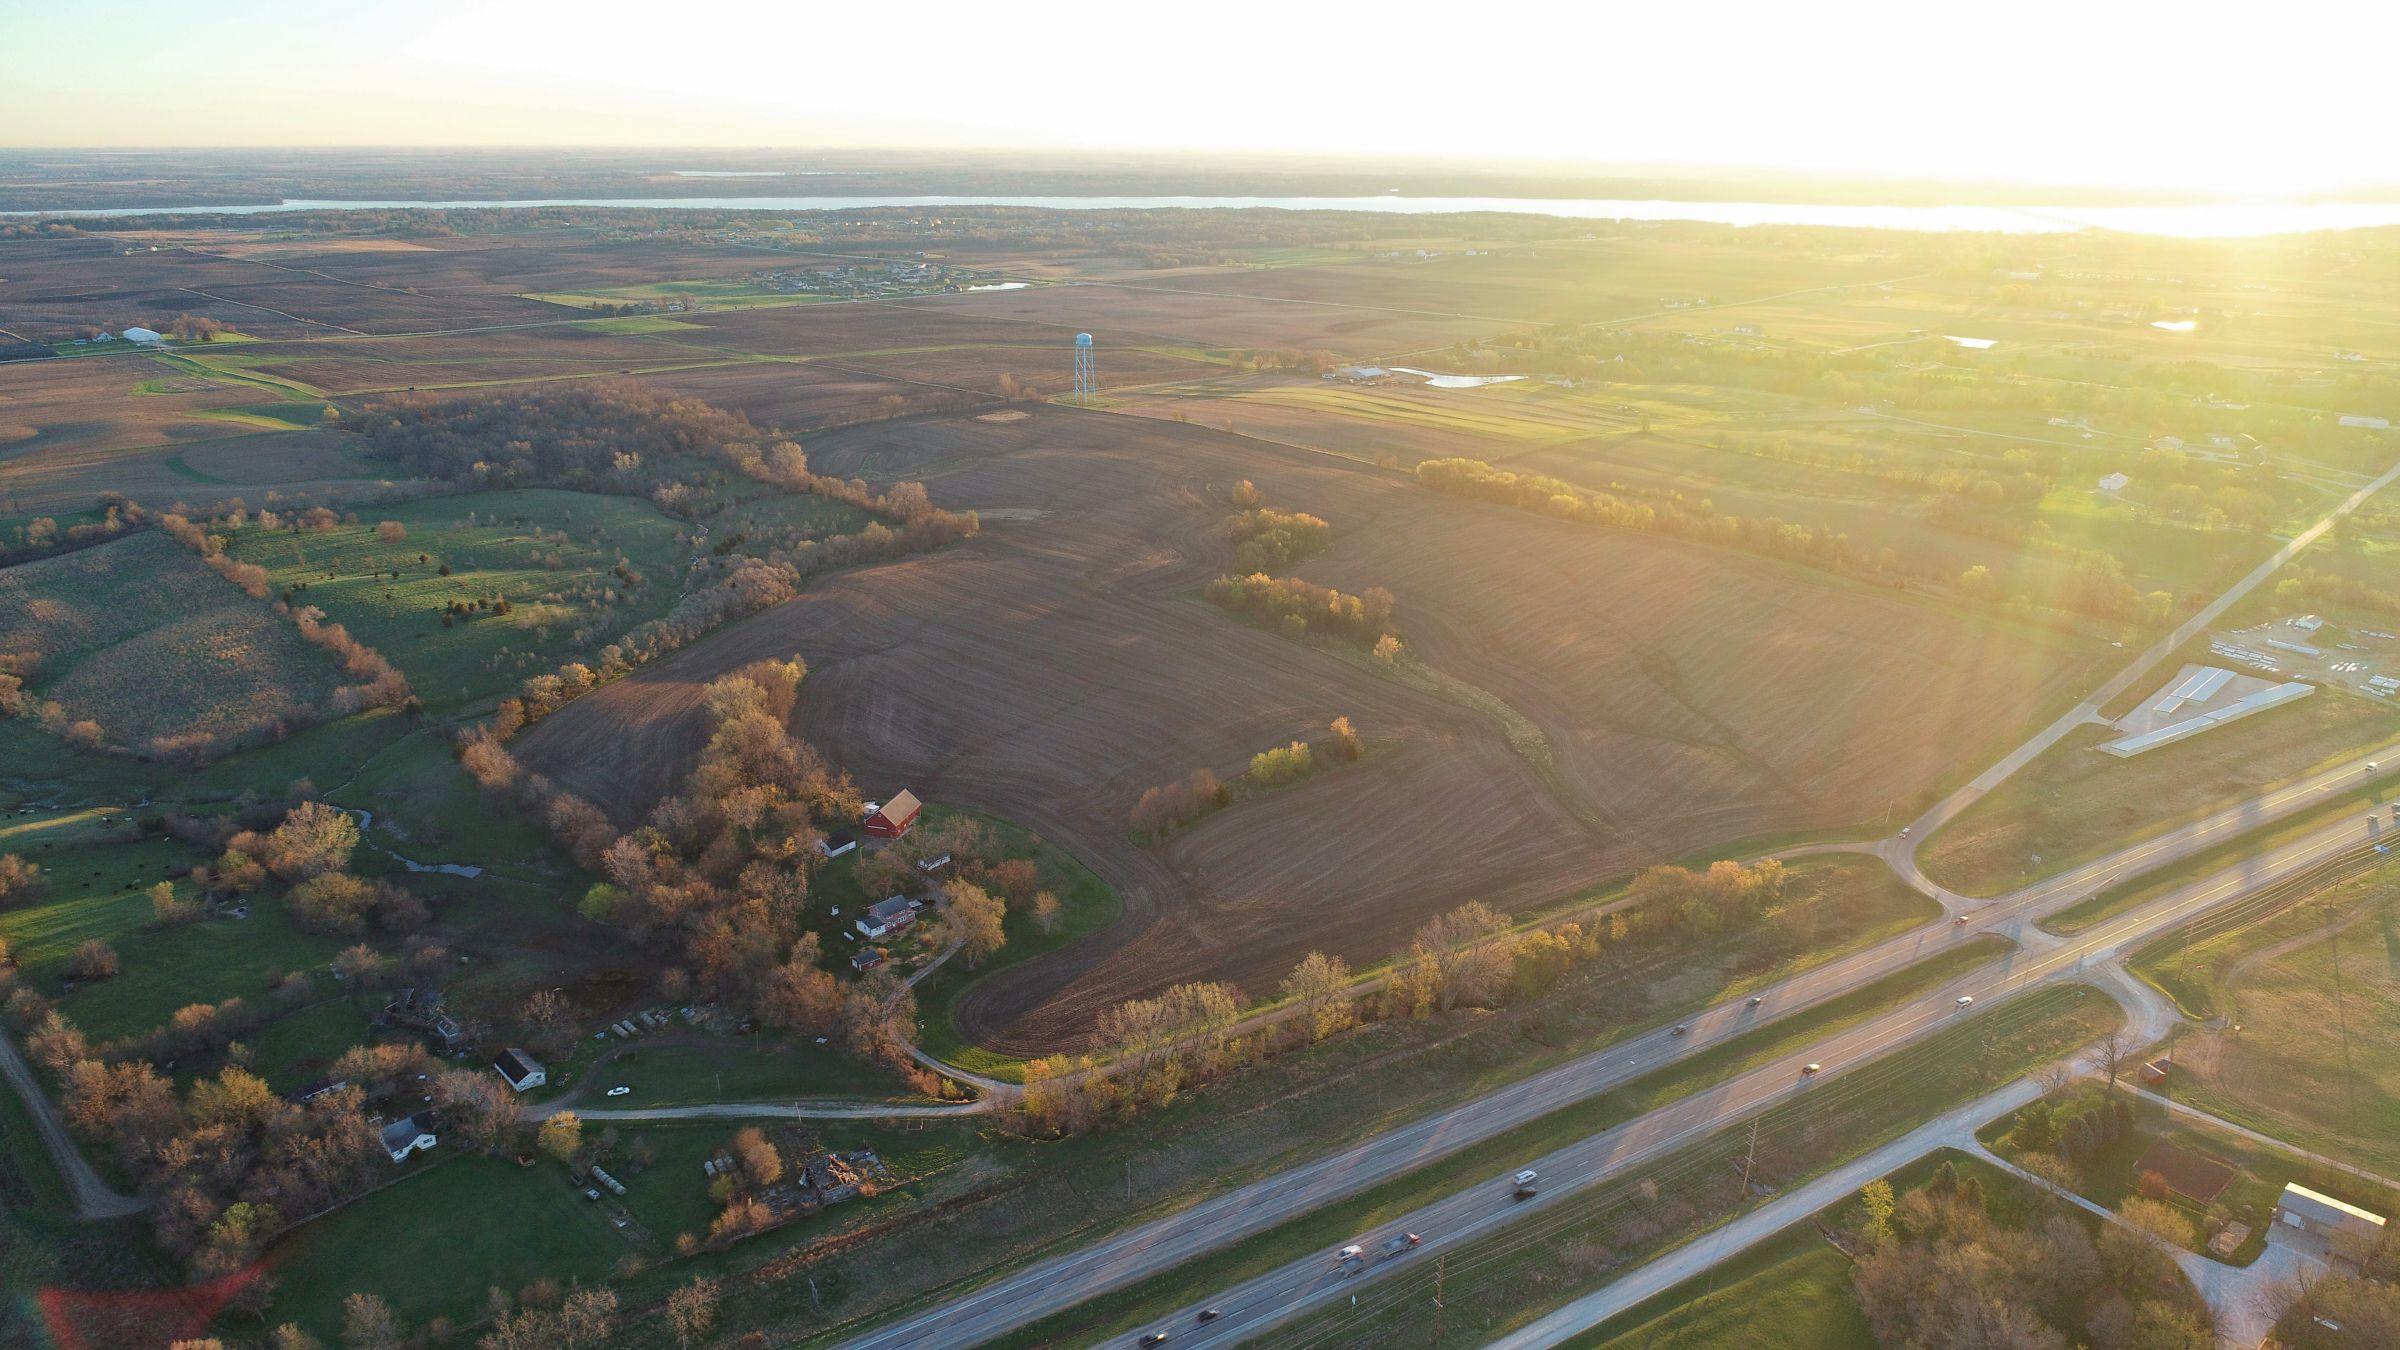 14492-80-acres-ml-polk-county-iowa-0-2019-04-19-145931.jpg